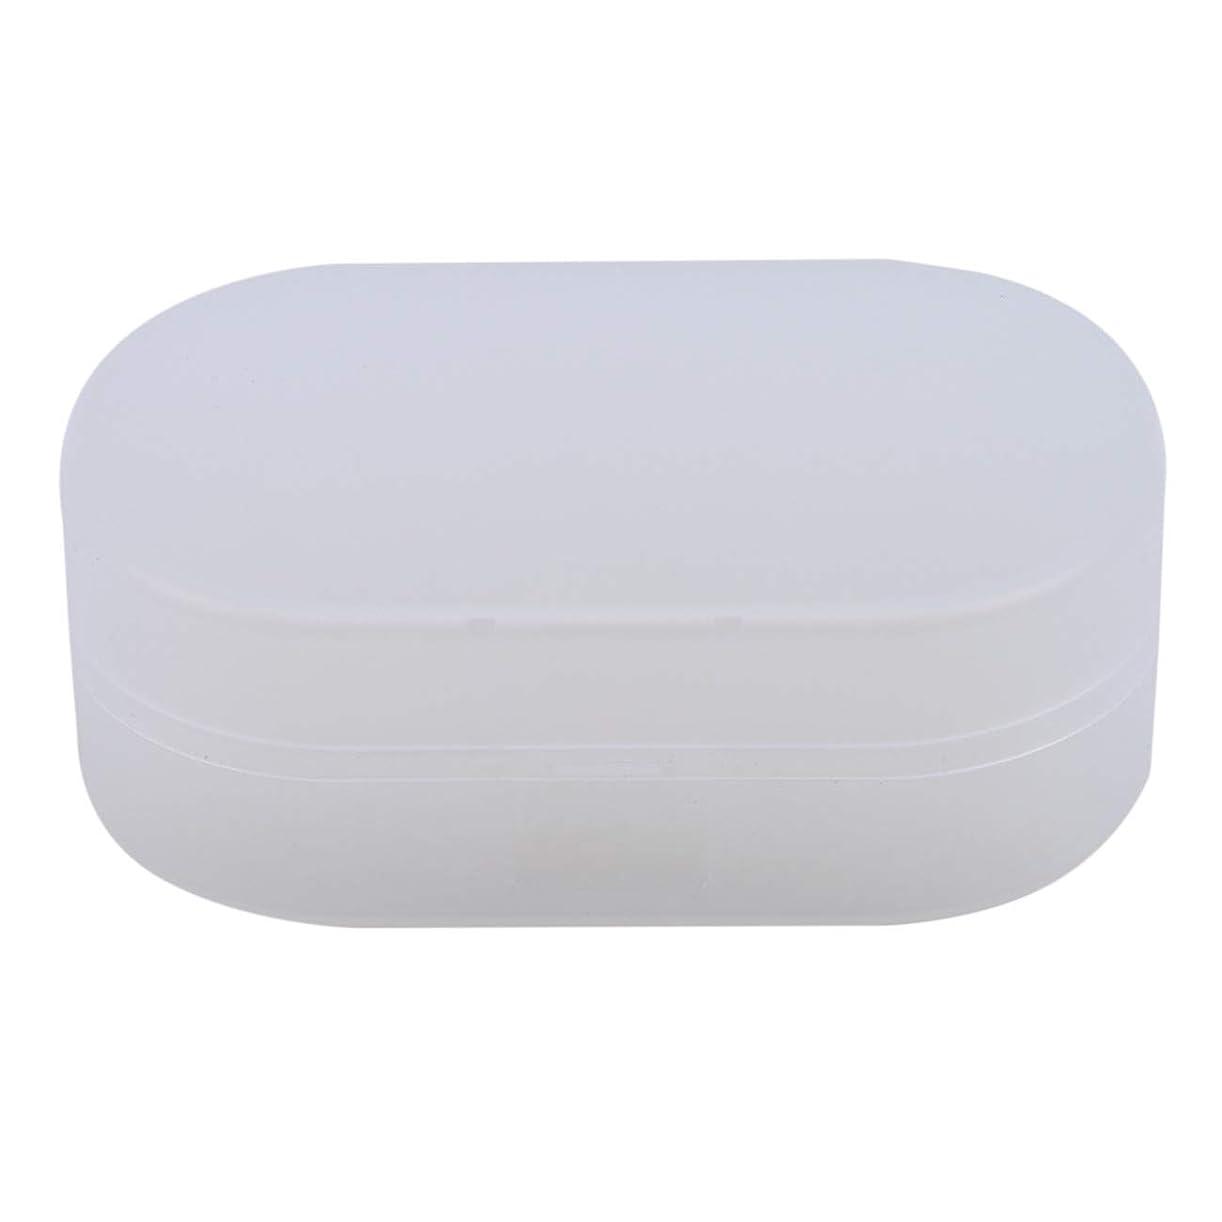 重荷船尾神秘的なZALINGソープボックスホルダーソープディッシュソープセーバーケースコンテナ用バスルームキャンプホワイト